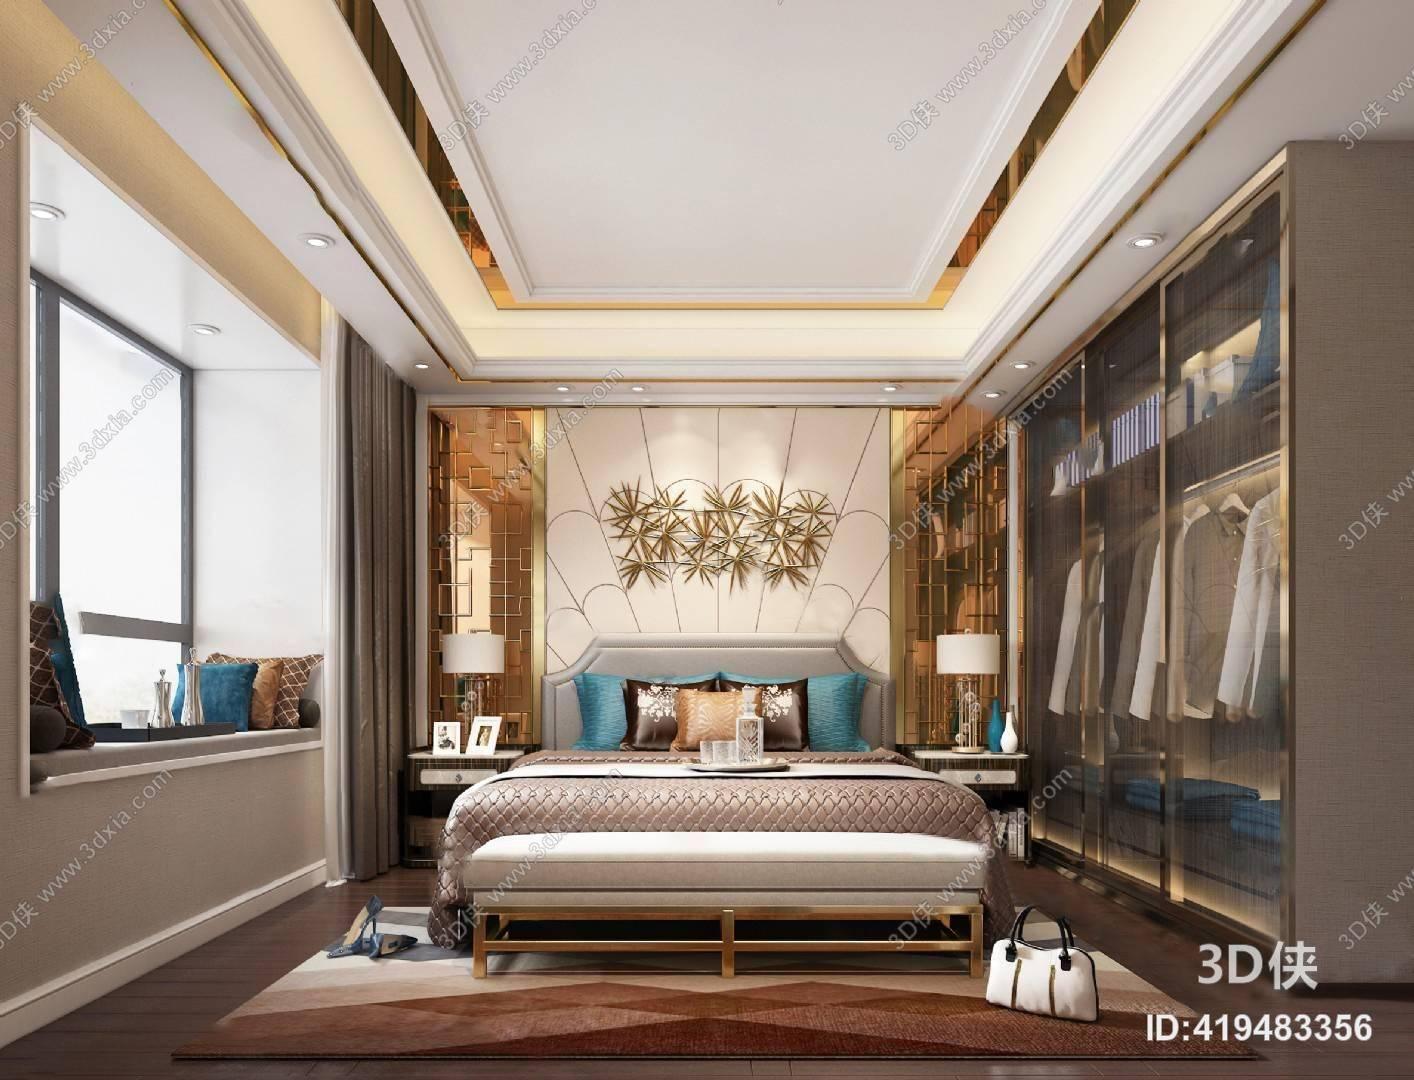 后现代卧室3D模型 衣柜 双人床 台灯 床头柜